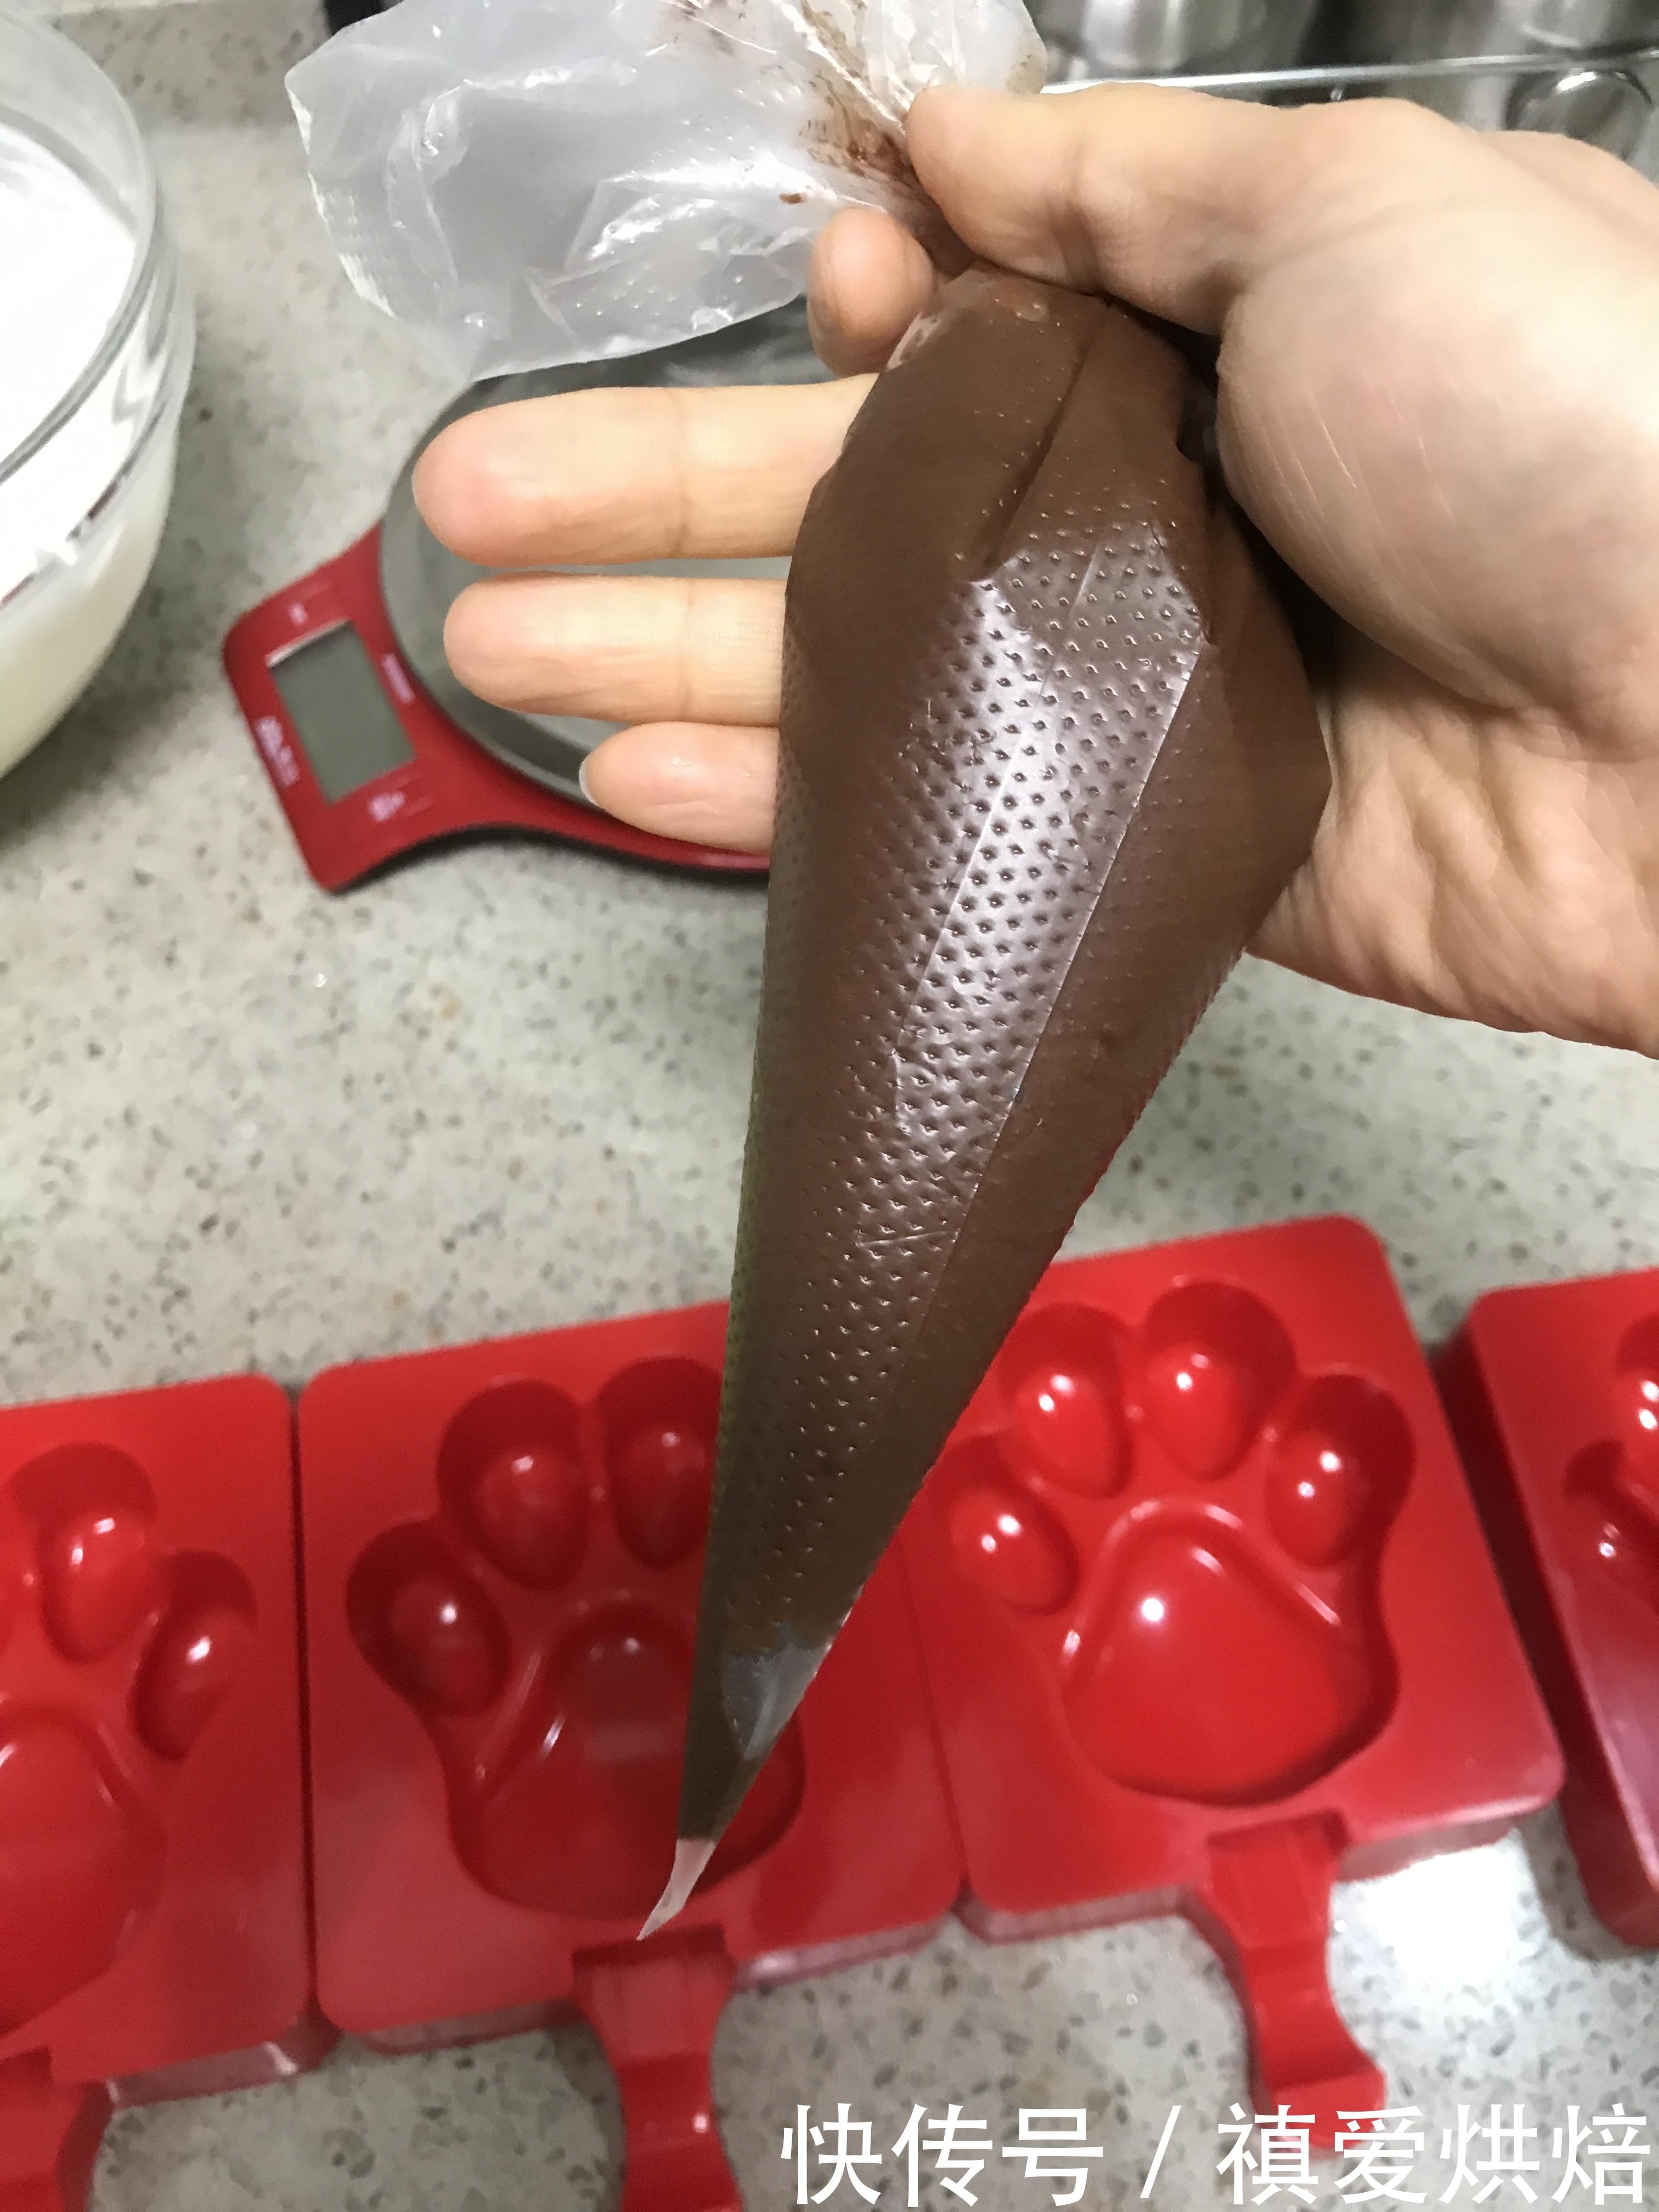 吃!可是一件不容小觑的大事好么?能吃又会做更是一件了不得的事情呢!夏天来了,又可以大展身手自制雪糕冰淇淋了。其实真的超级简单,没有那么难做,自己制作的雪糕没有添加剂,大家不妨跟着我的步骤试一试。  材料: 淡奶油250克 细砂糖 15克 酸奶 125克 巧克力 25克  用具:硅胶刮刀,玻璃碗,手动打蛋器,电动打蛋器,硅胶雪糕模具  制作过程: 1.